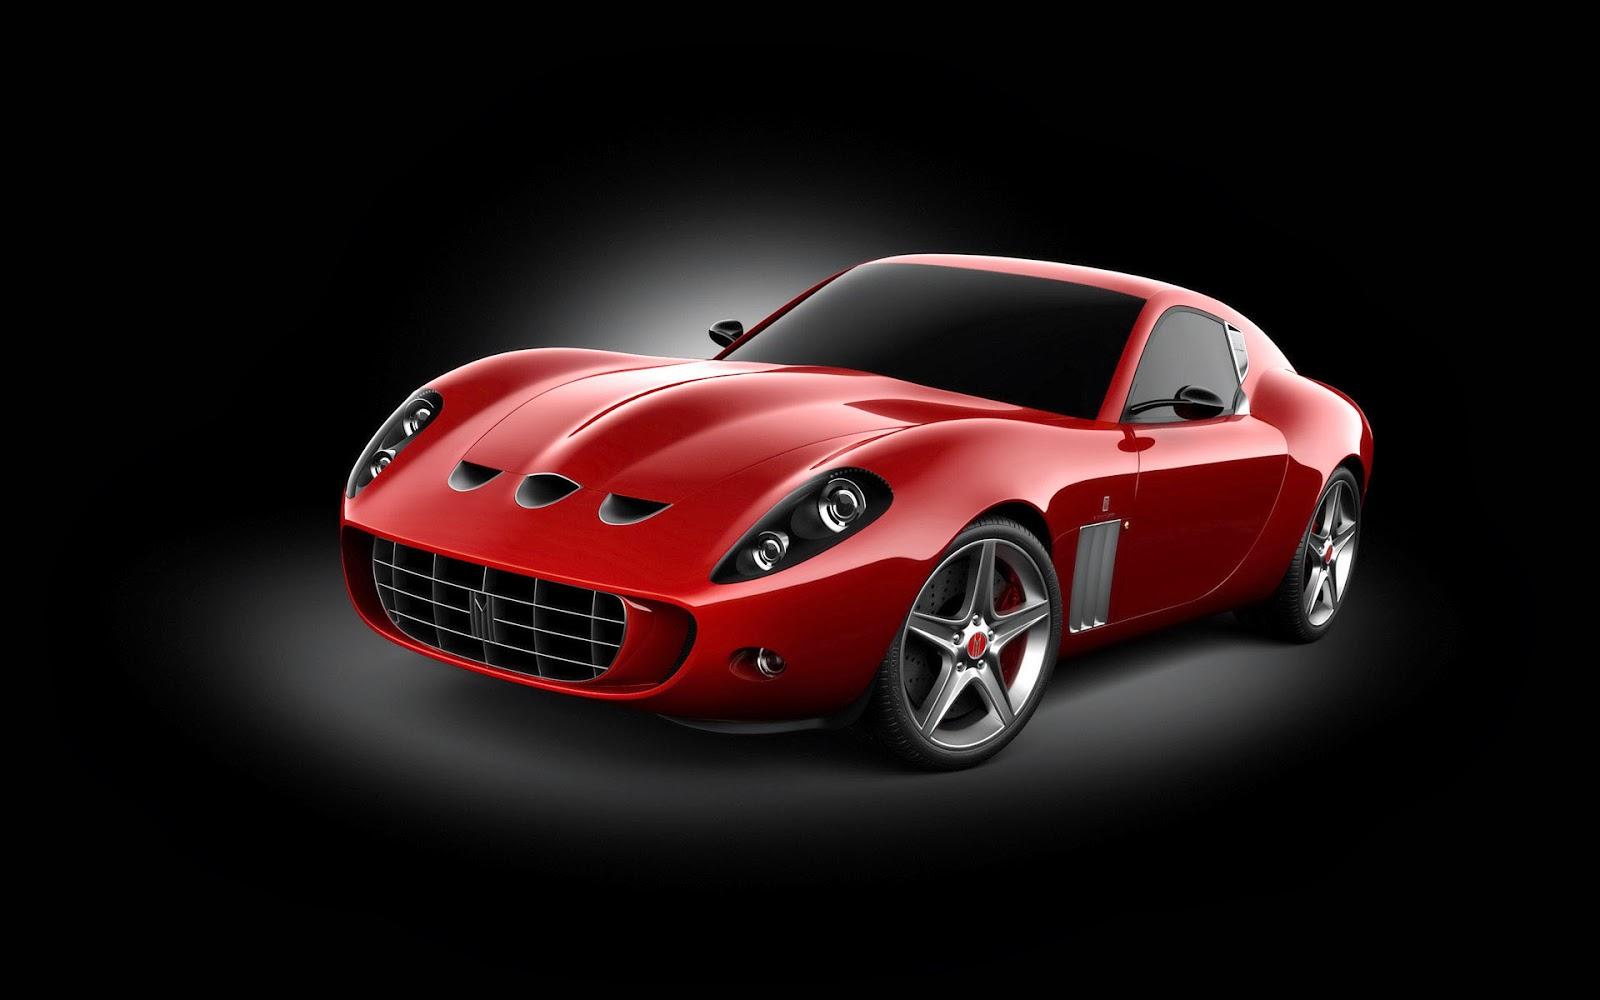 Ferrari Car Wallpaper Hd Download